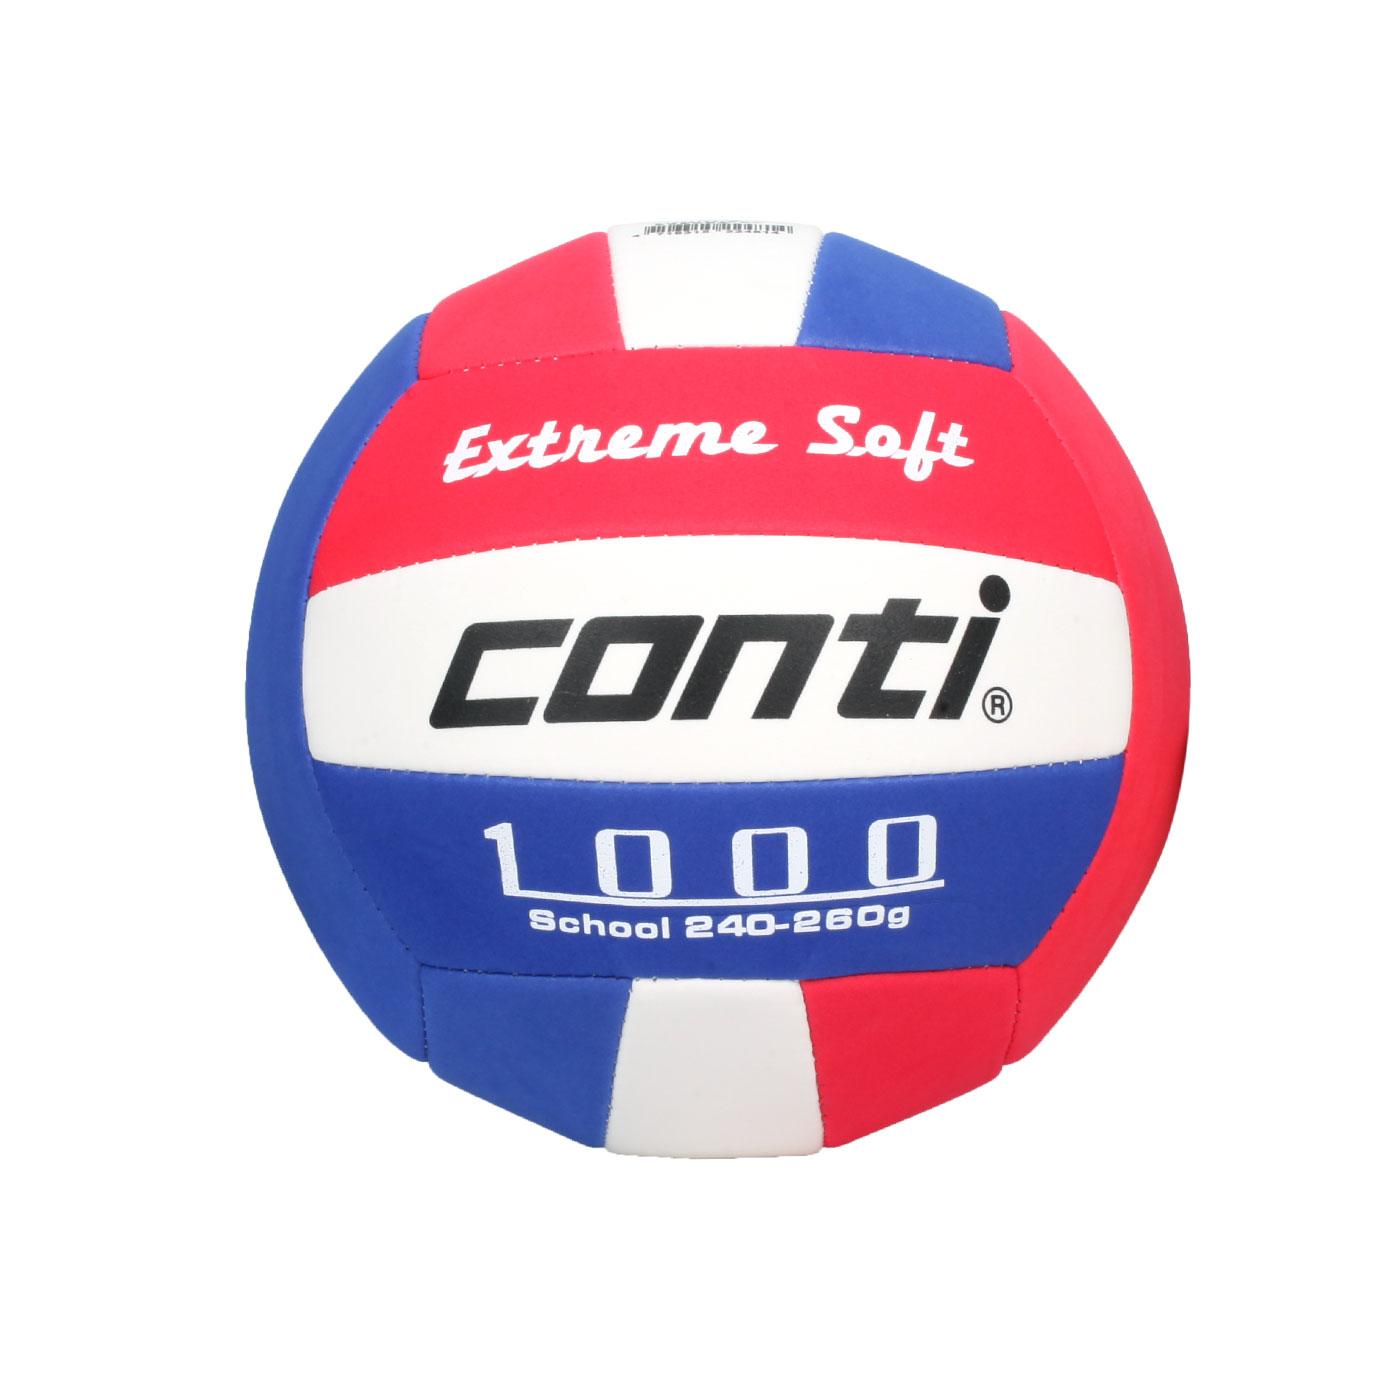 詠冠conti 4號安全軟式排球 CONTIV1000-4-RWB - 紅藍白